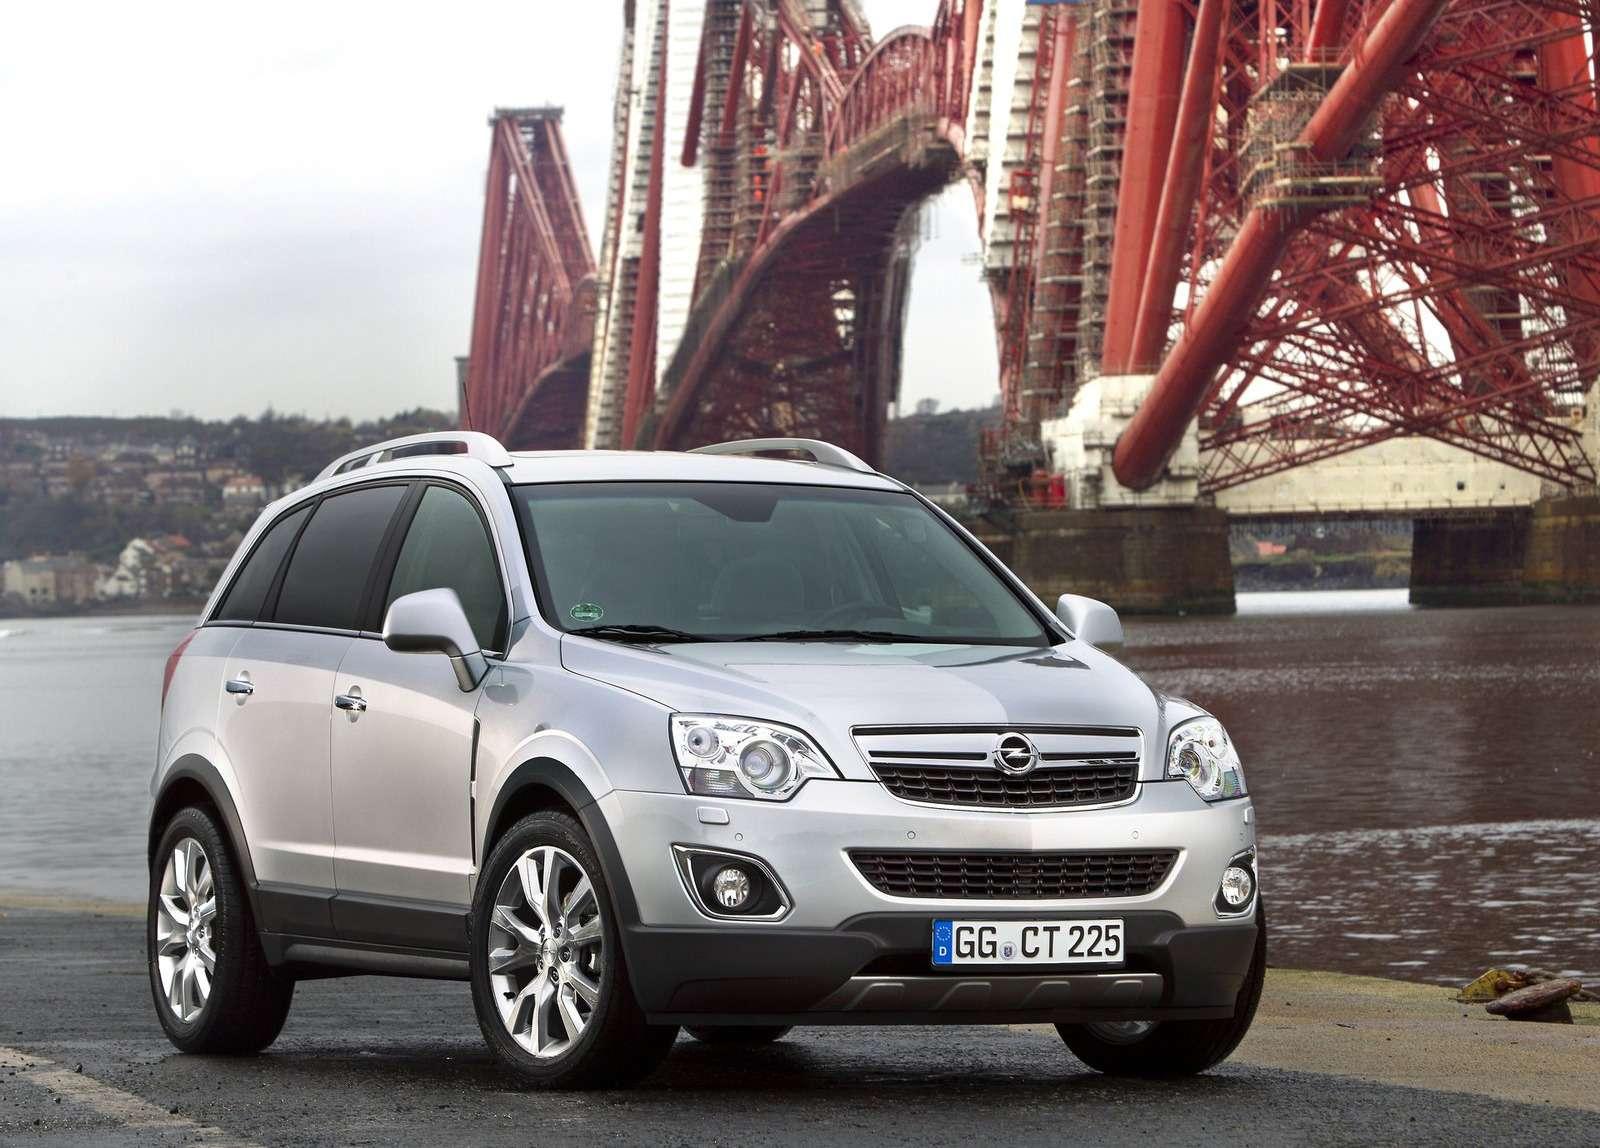 Opel-Antara_2011_1600x1200_wallpaper_02